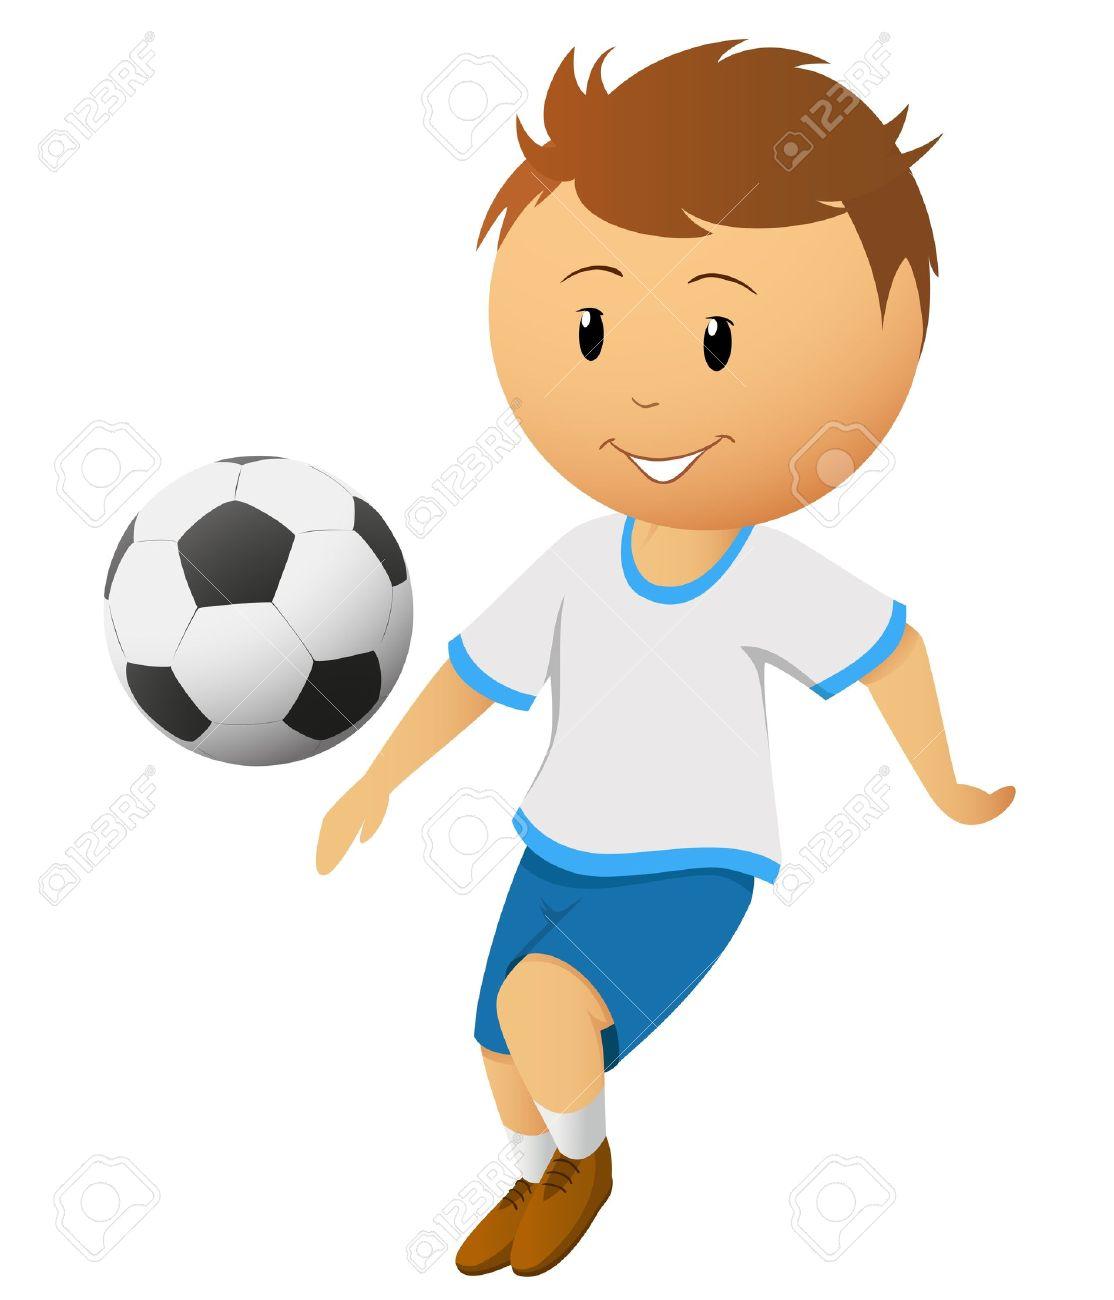 Clipart soccer player no ball. Cartoon footballer or play